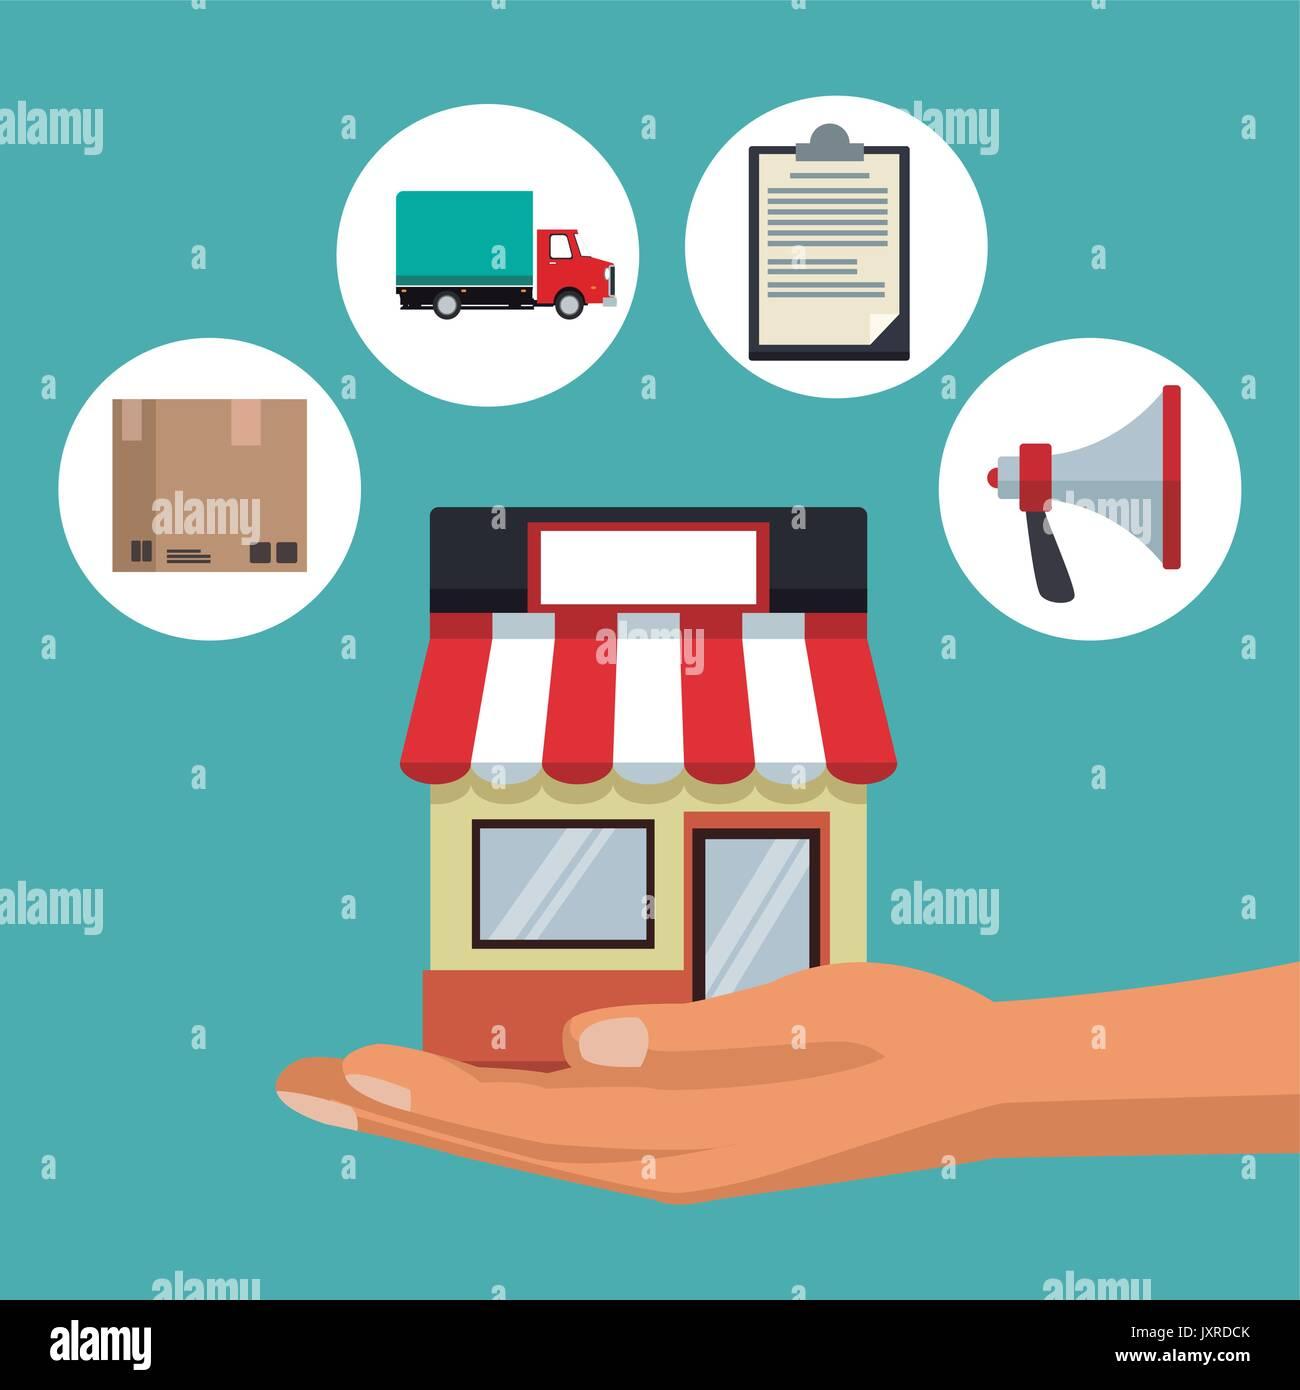 markisen online shop finest markise sieht immer einladend aus with markisen online shop. Black Bedroom Furniture Sets. Home Design Ideas